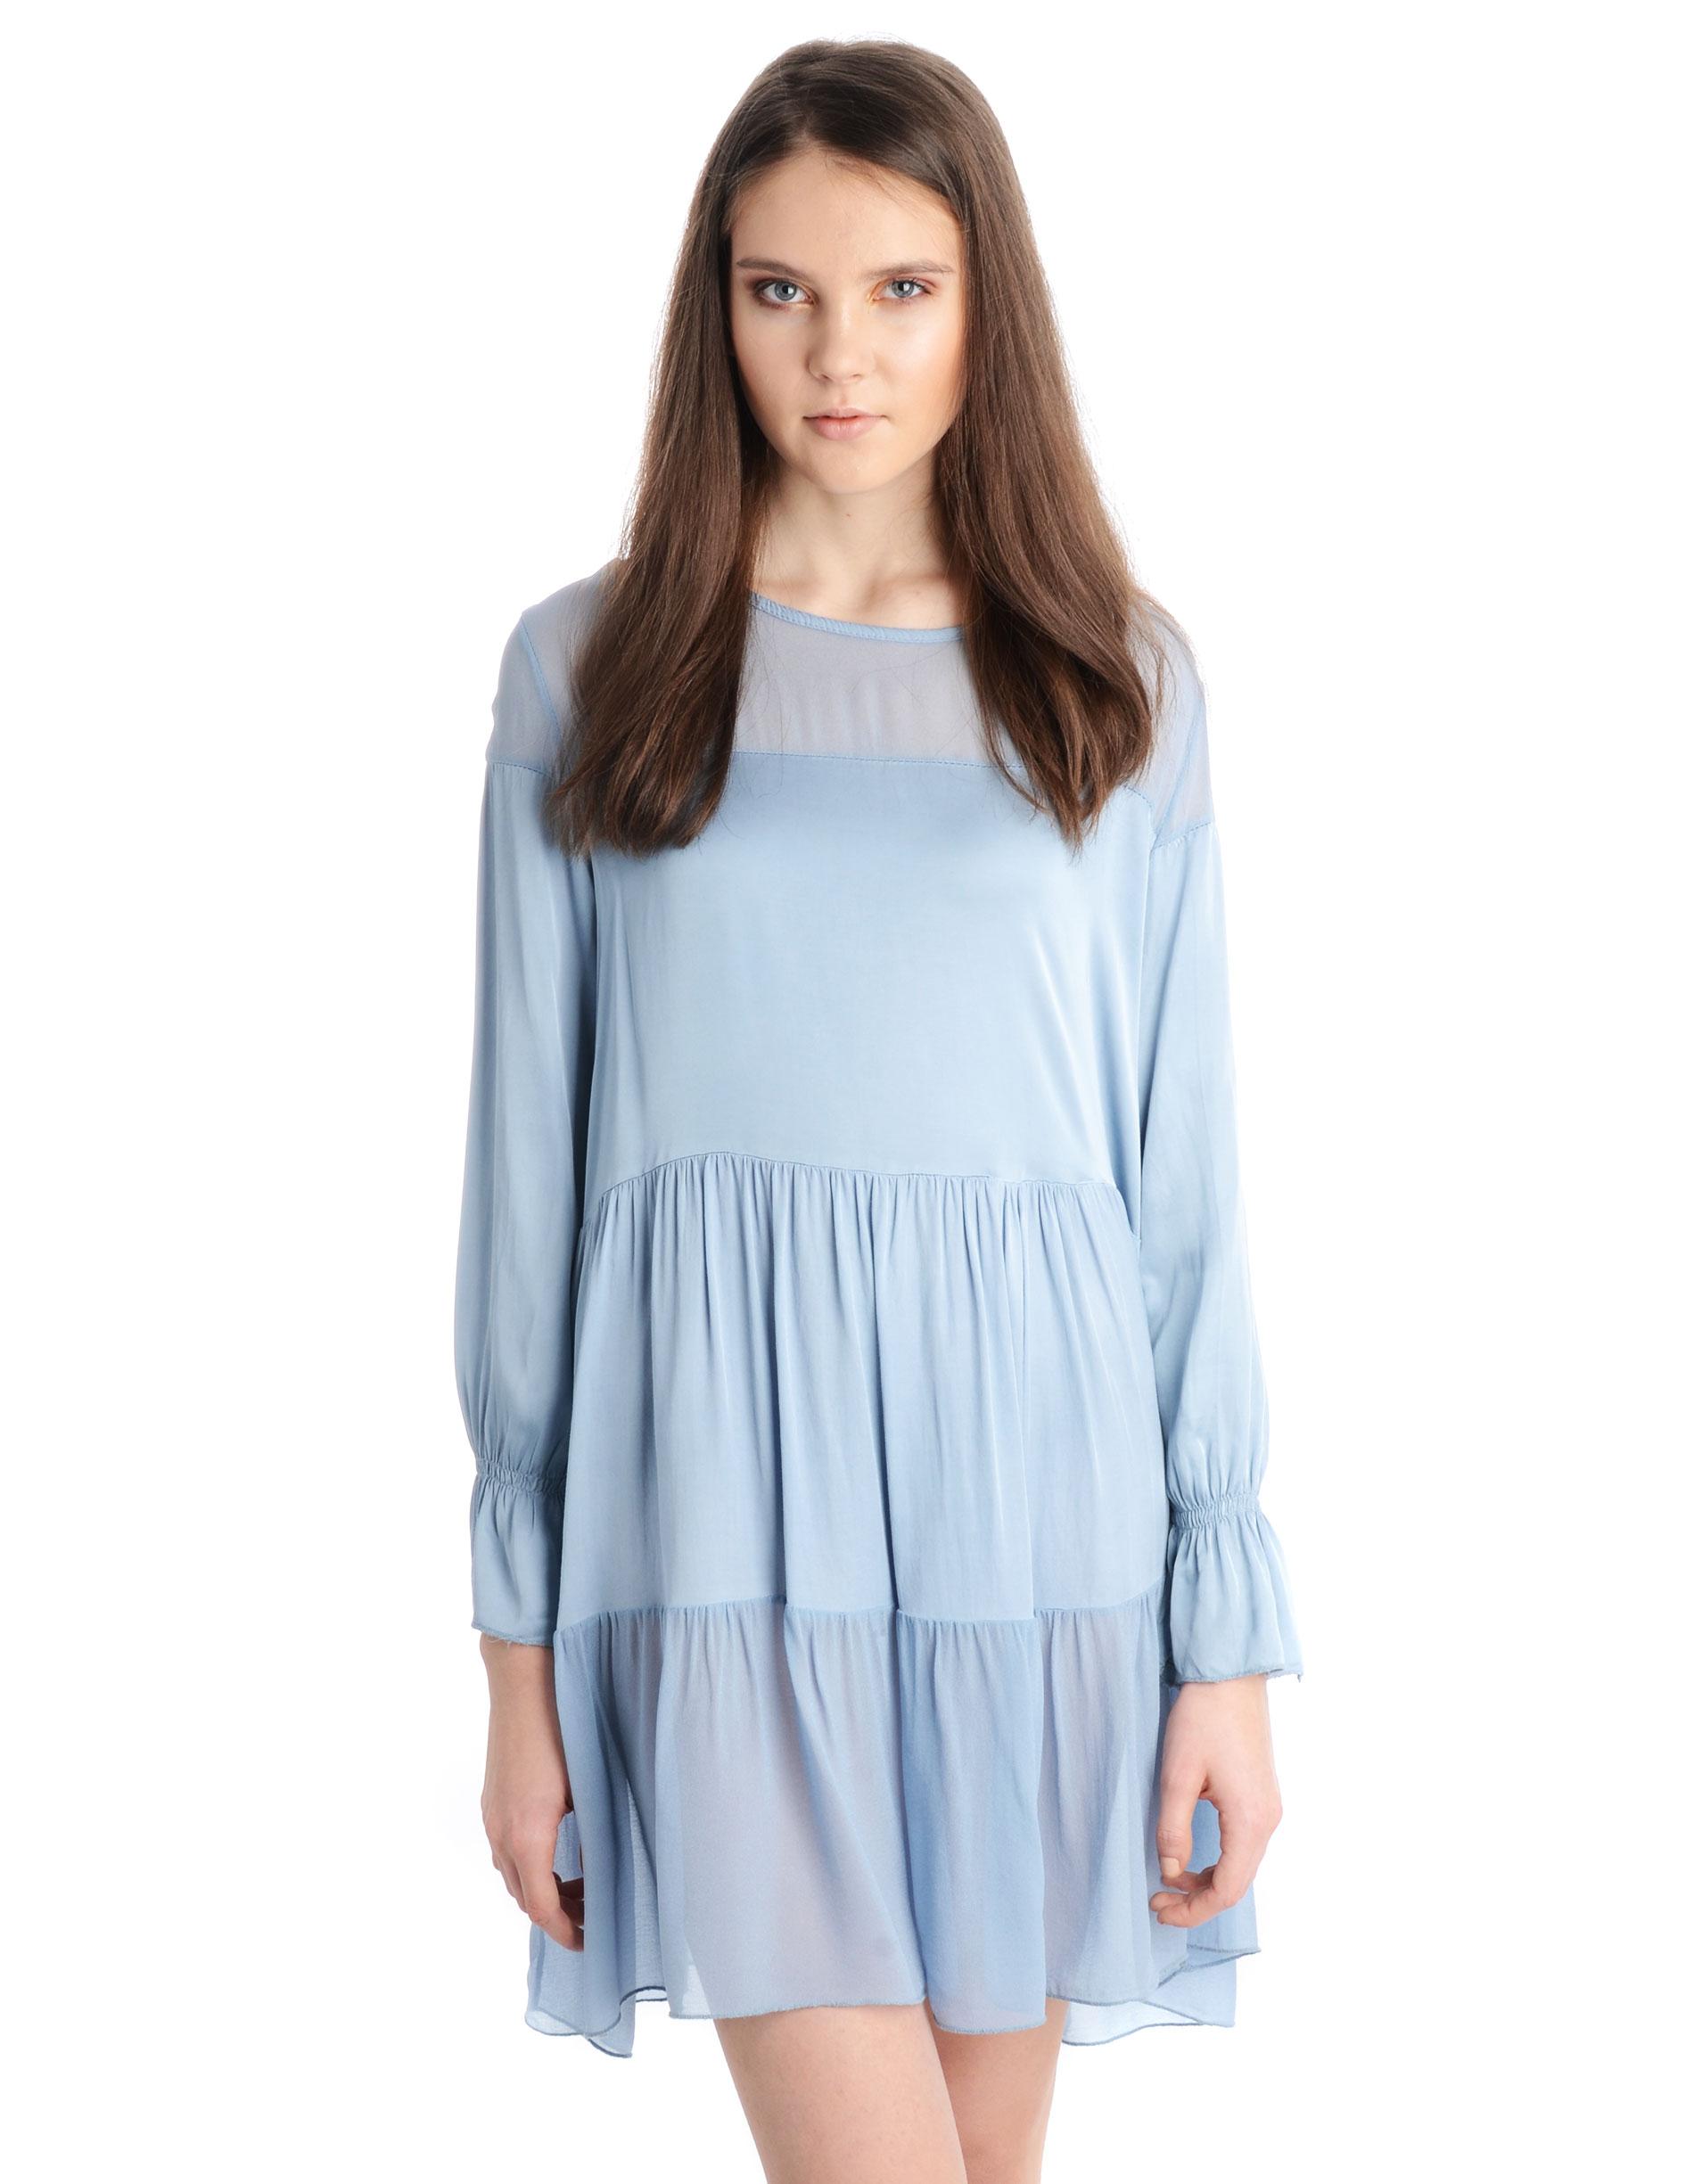 Sukienka - 155-1045 JEAN - Unisono